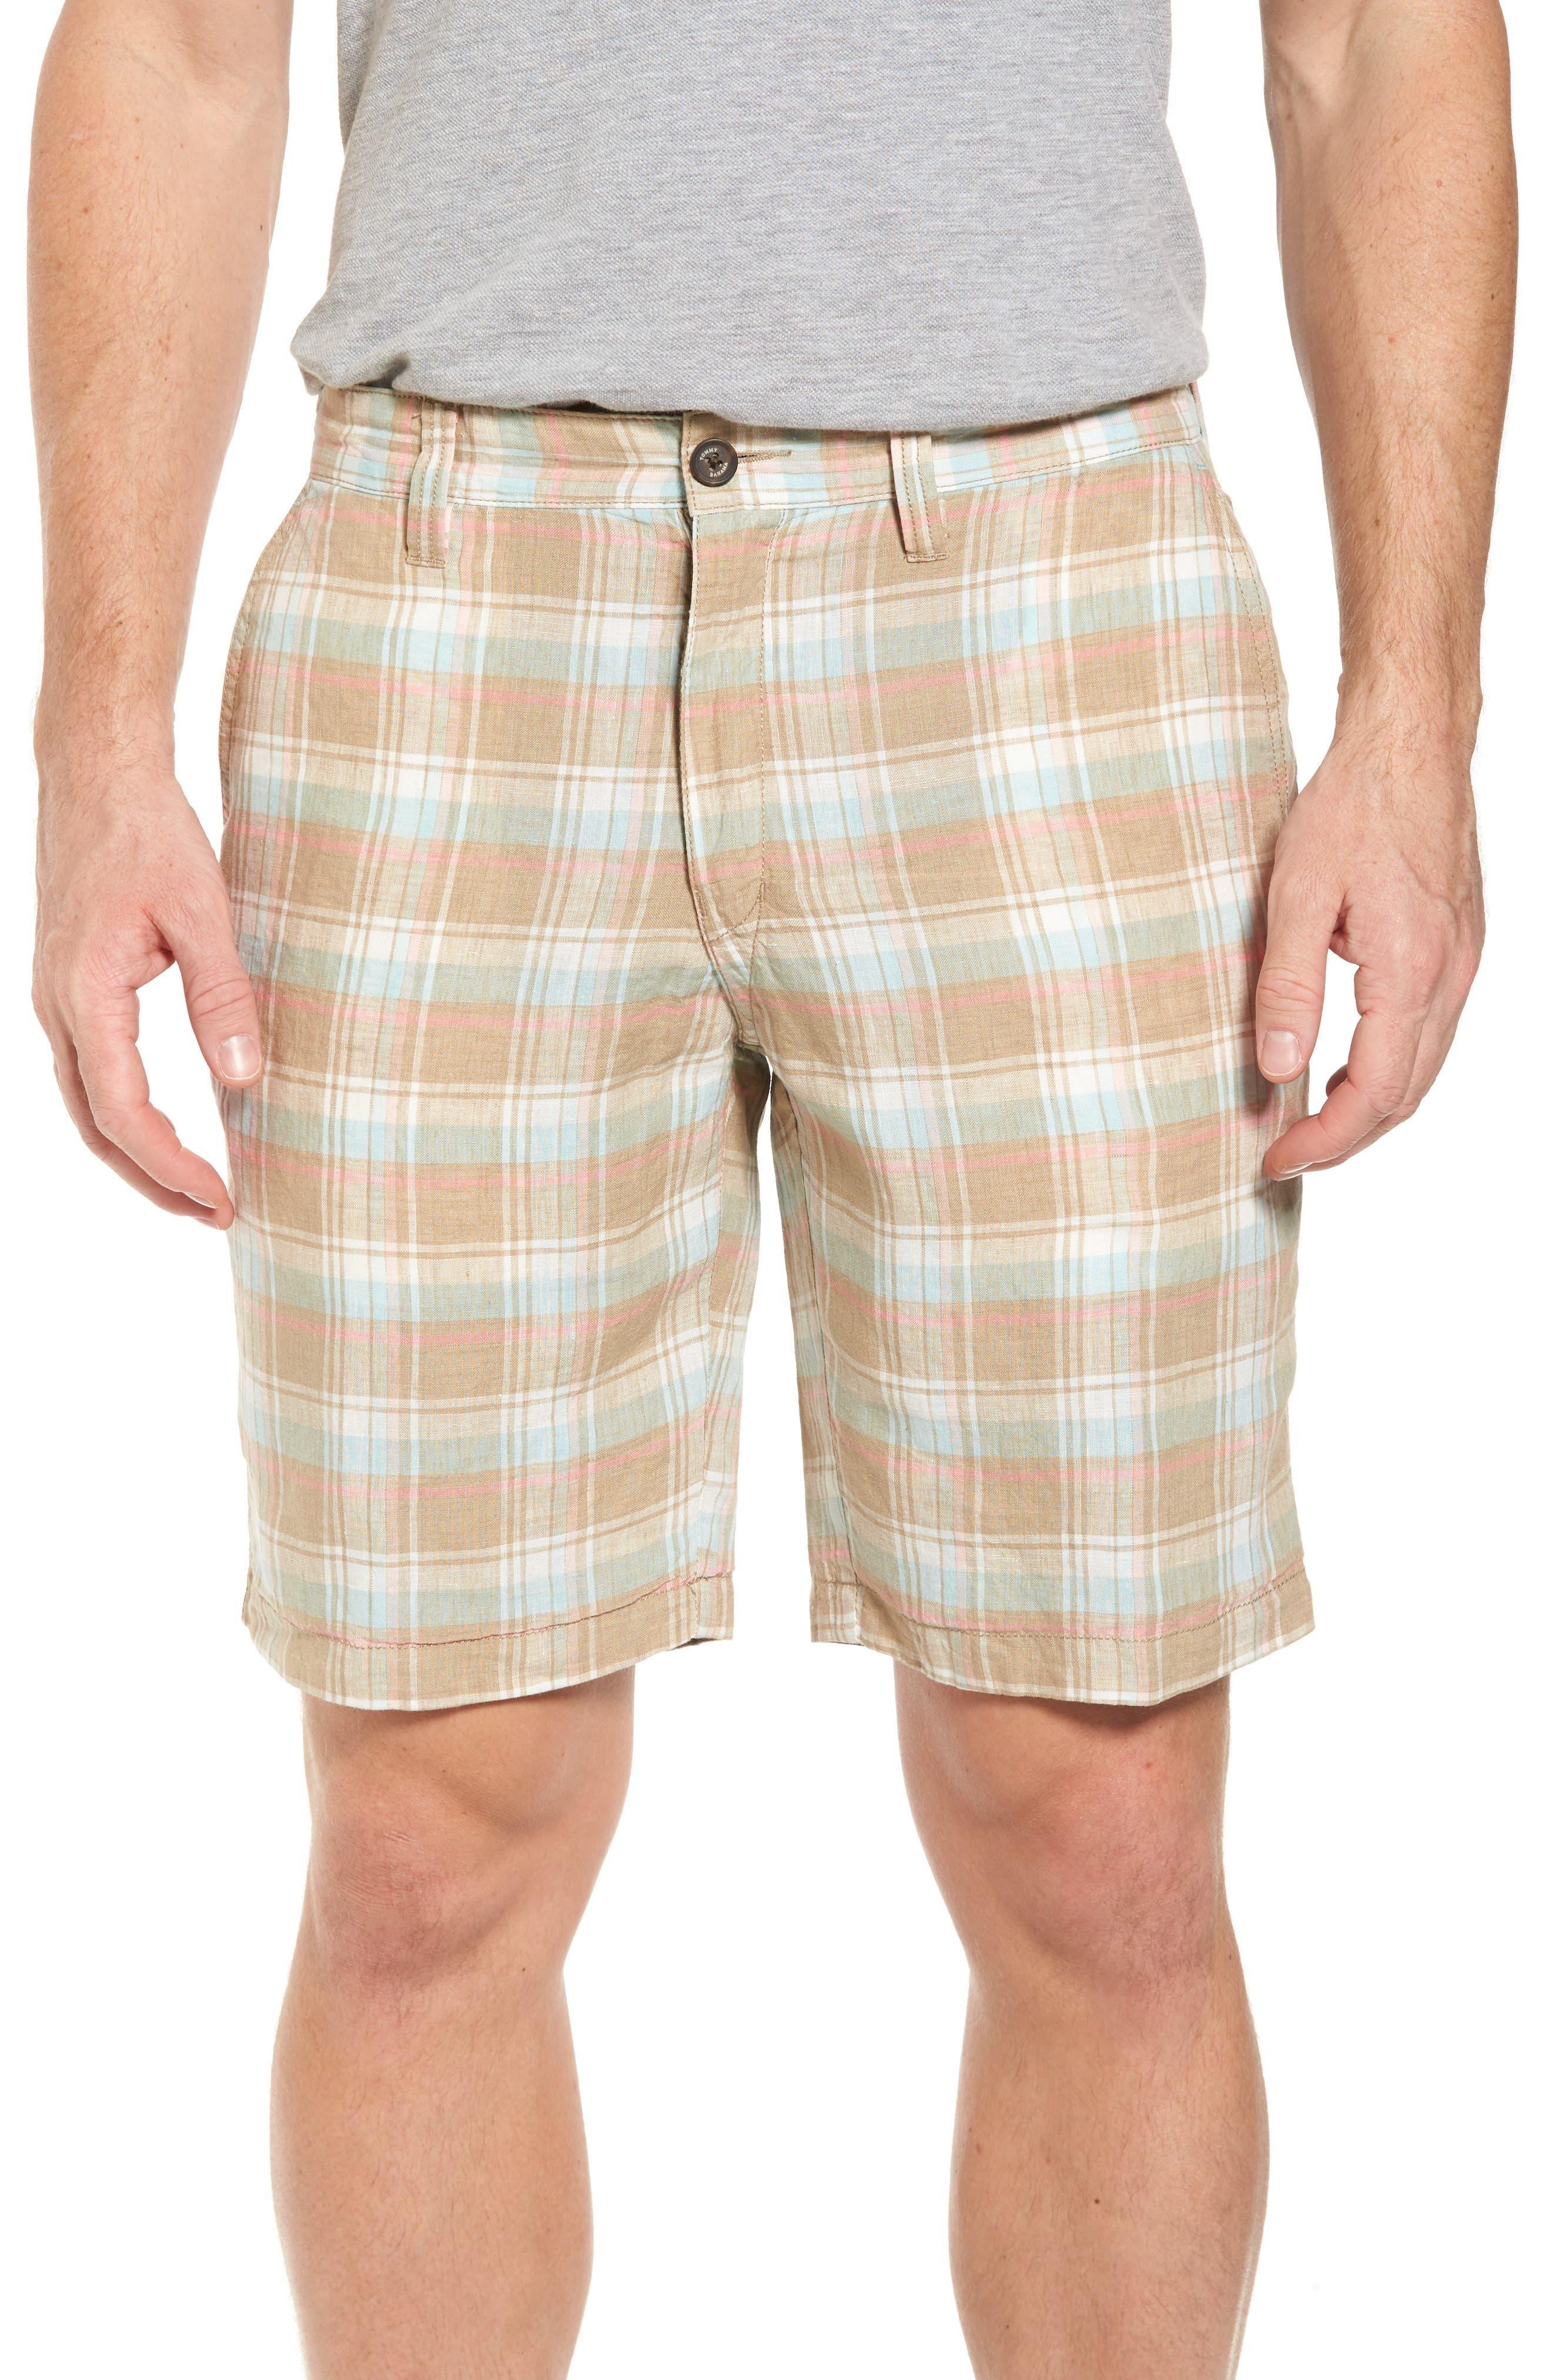 Plaid De Leon Reversible Shorts,                             Main thumbnail 1, color,                             250